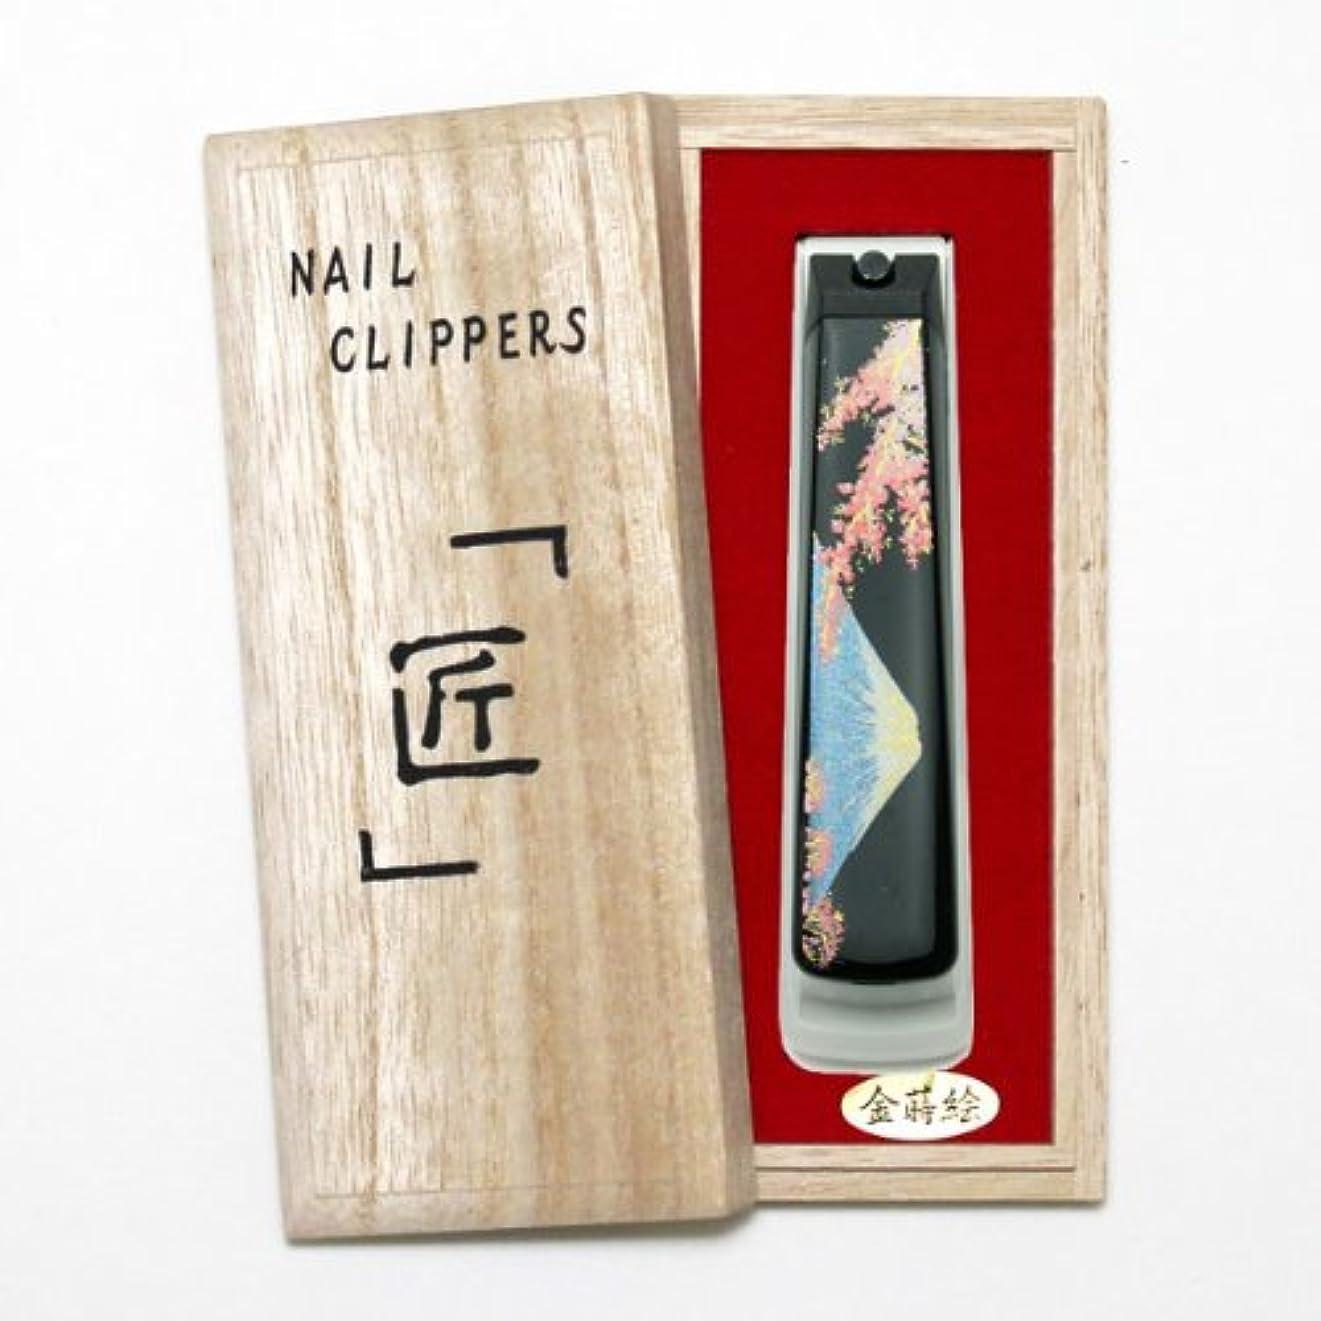 寄稿者造船うまくいけば橋本漆芸 蒔絵爪切り ミニサイズ 富士に桜 桐箱